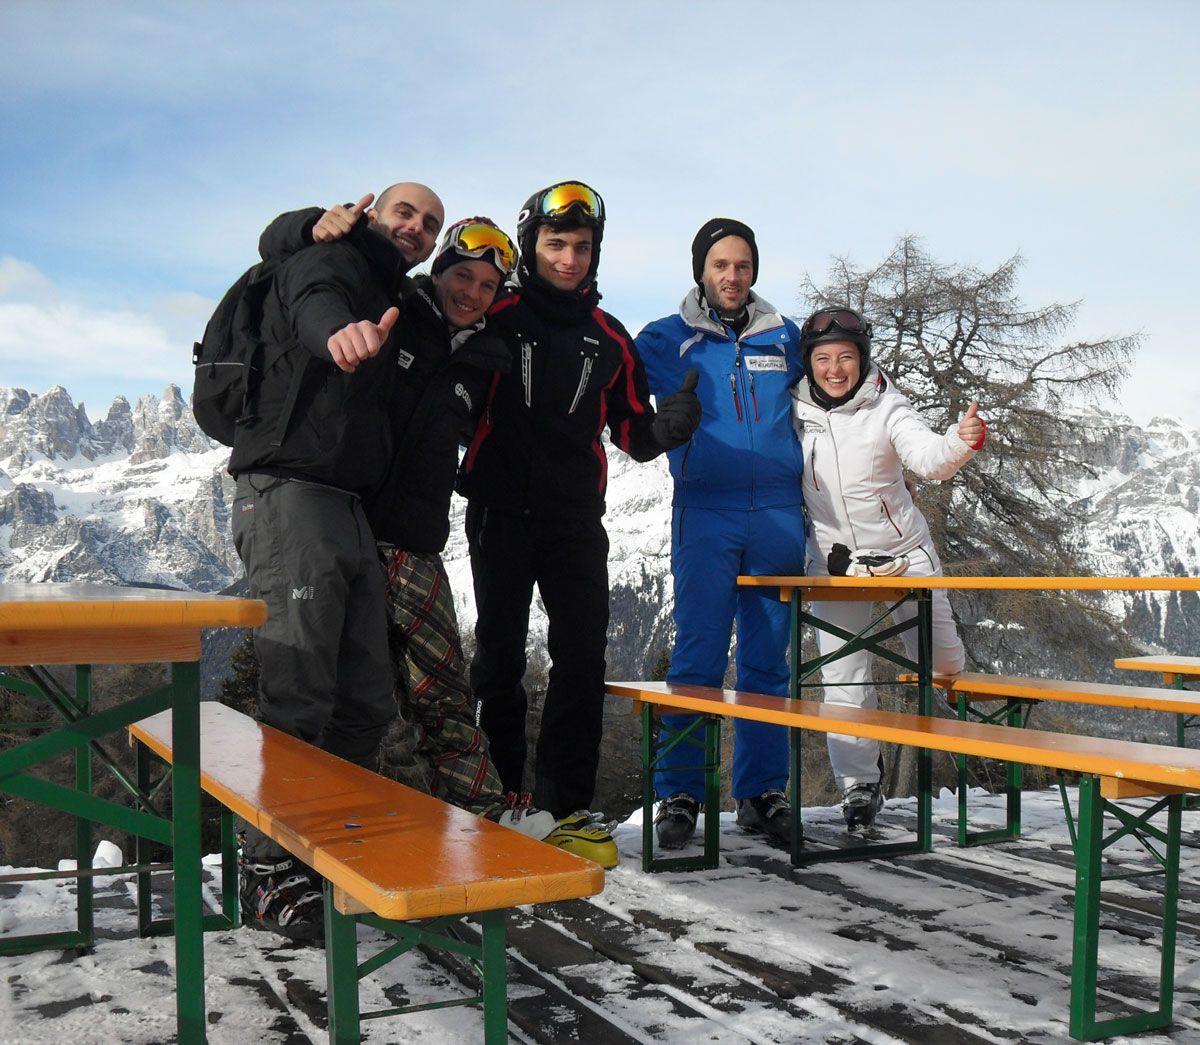 Francesco di Visit Trentino Manuel di APT Paganella Niccolò di Race ski Magazine Angelo e Cristina di Neveitalia